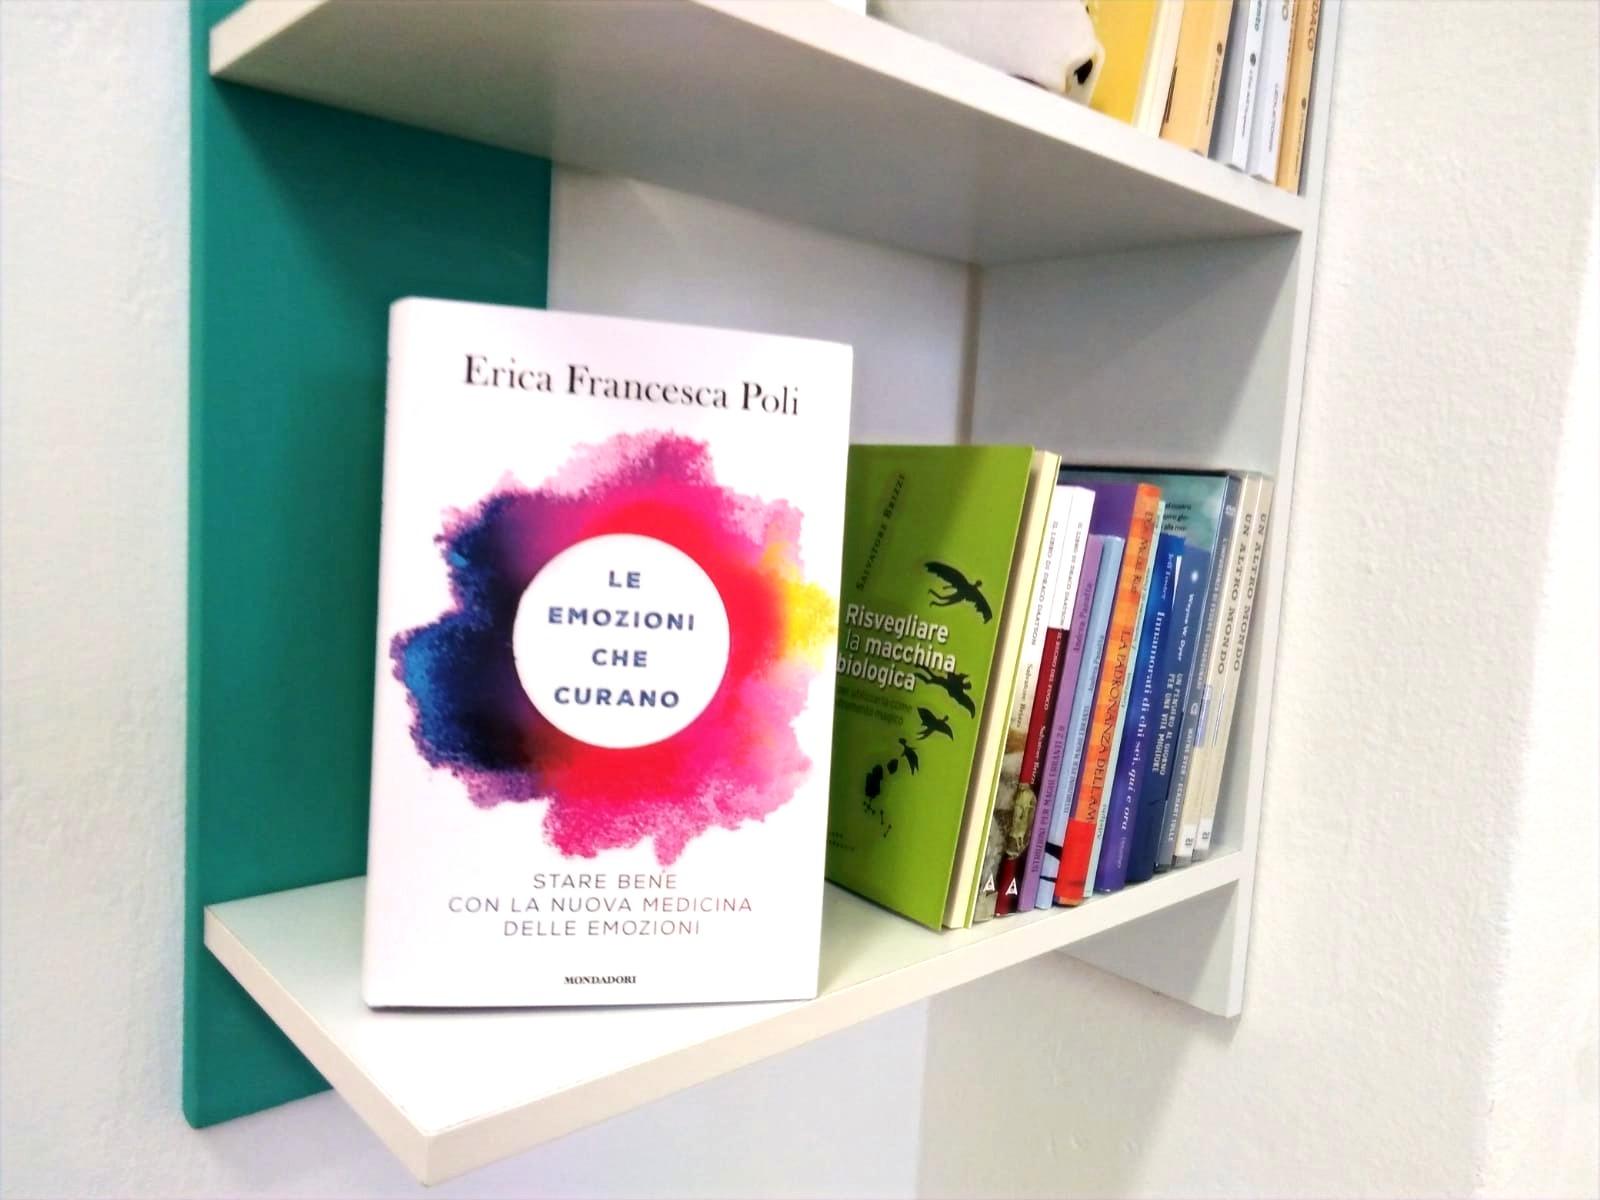 Libri per la crescita interiore